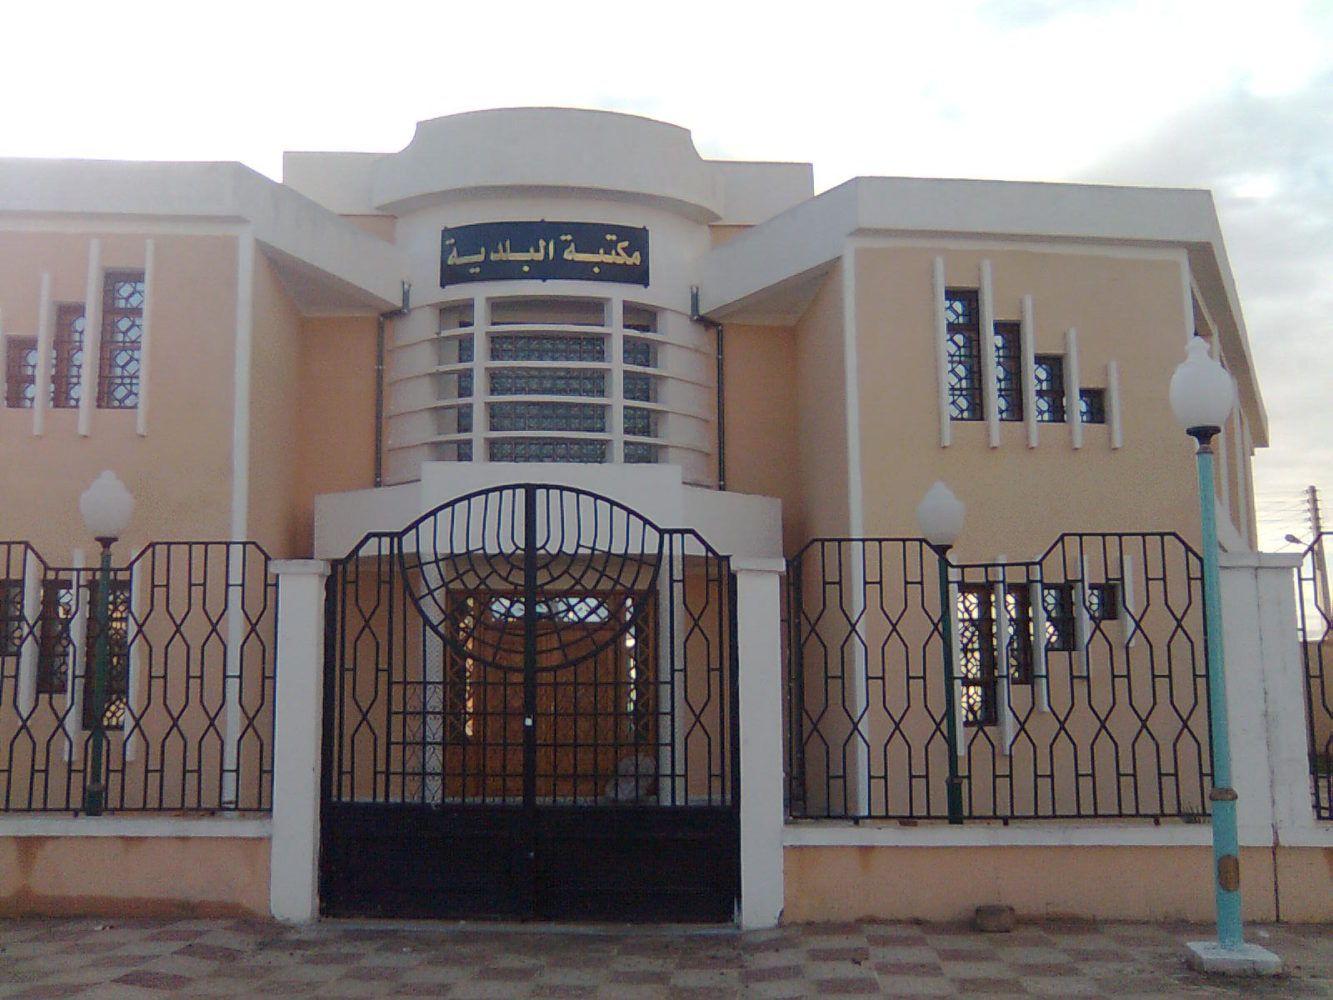 هياكل عموميّة و سياحية بمدينة قمار - المكتبة البلدية